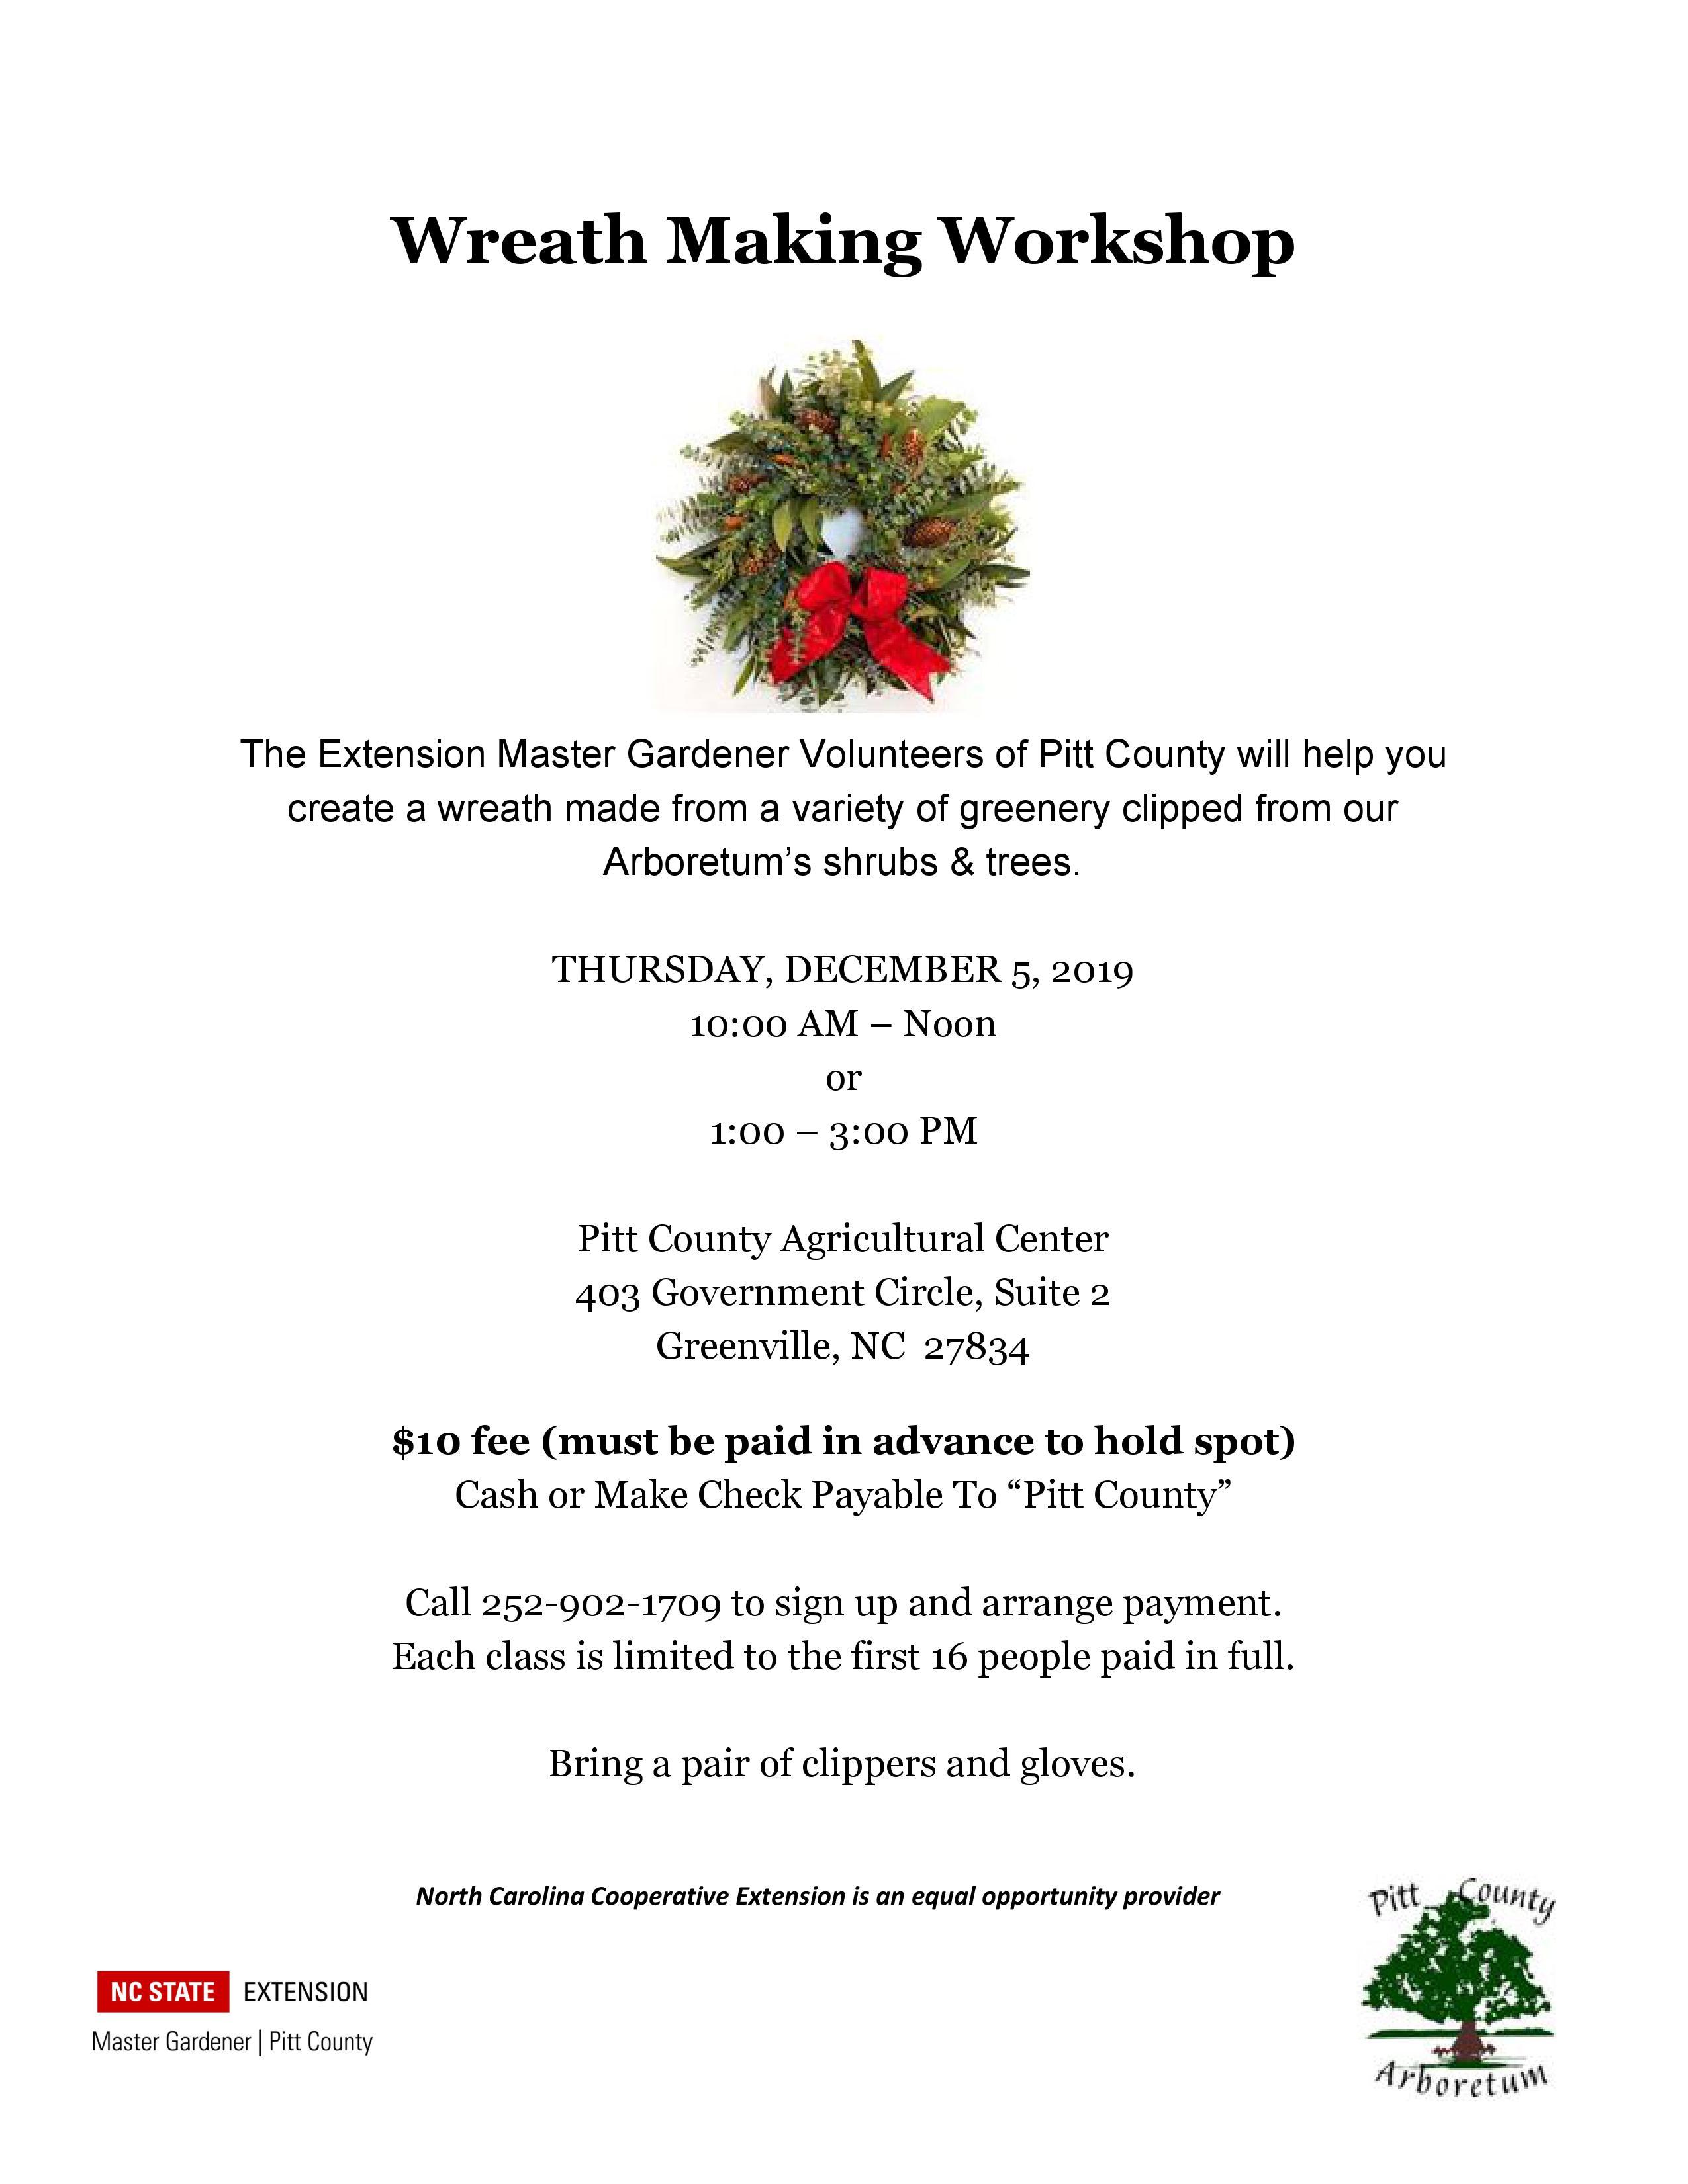 Wreath Making Workshop flyer image